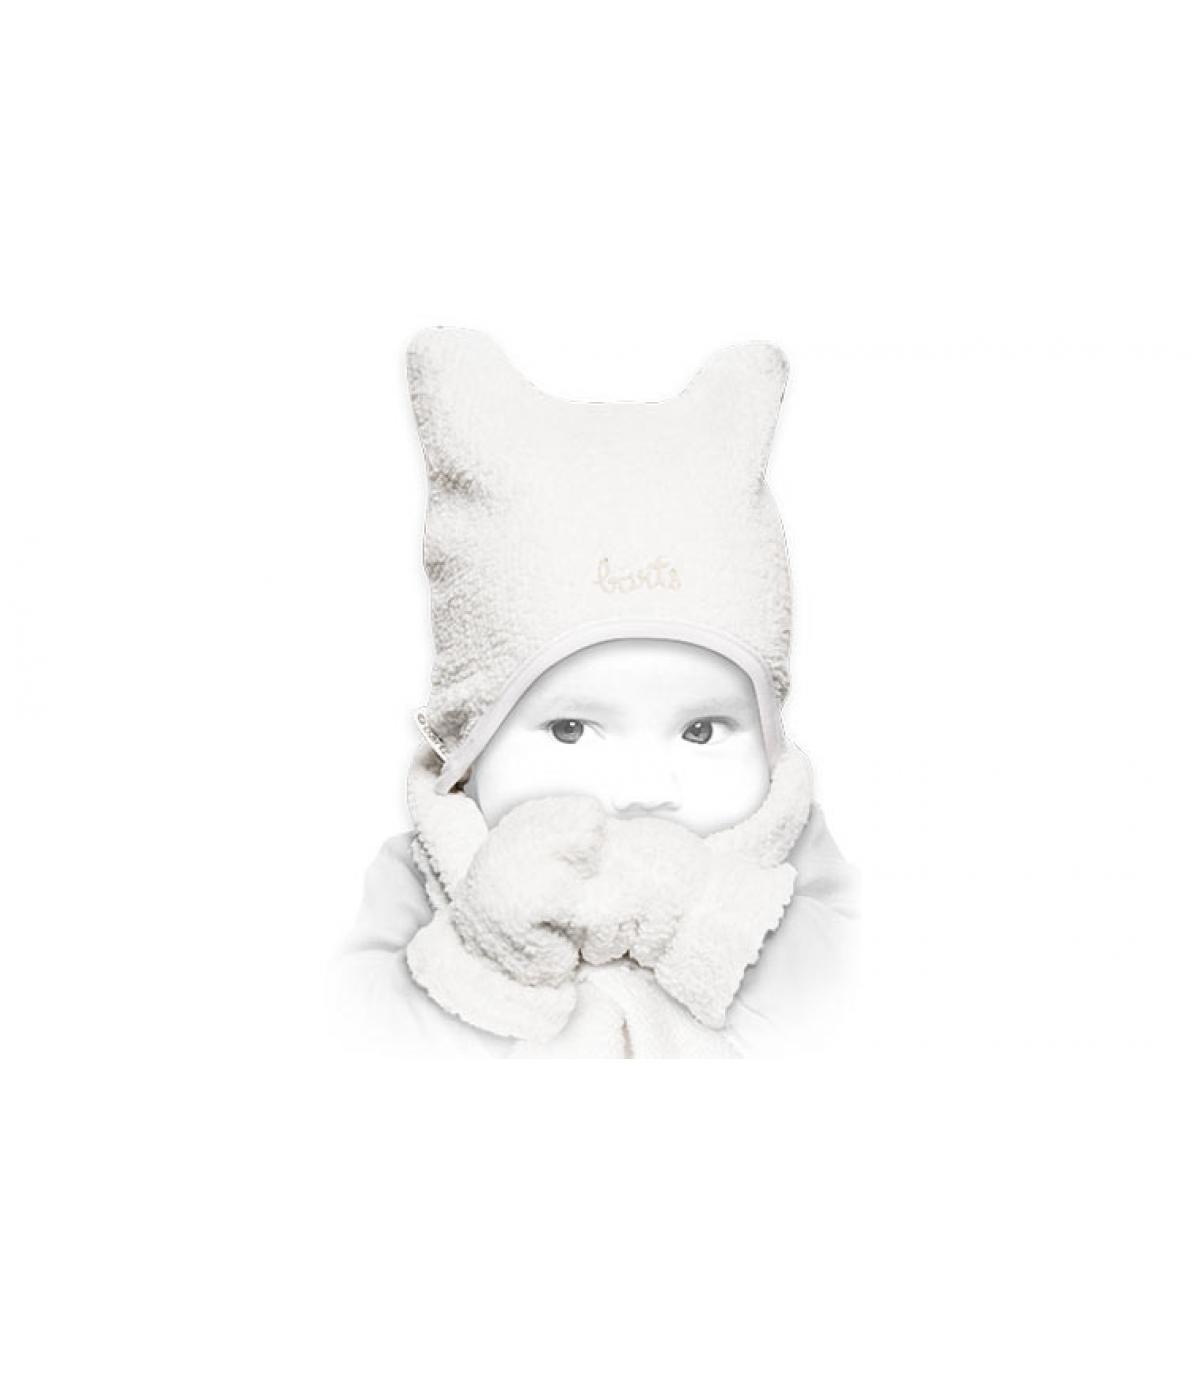 Gloves beanie baby